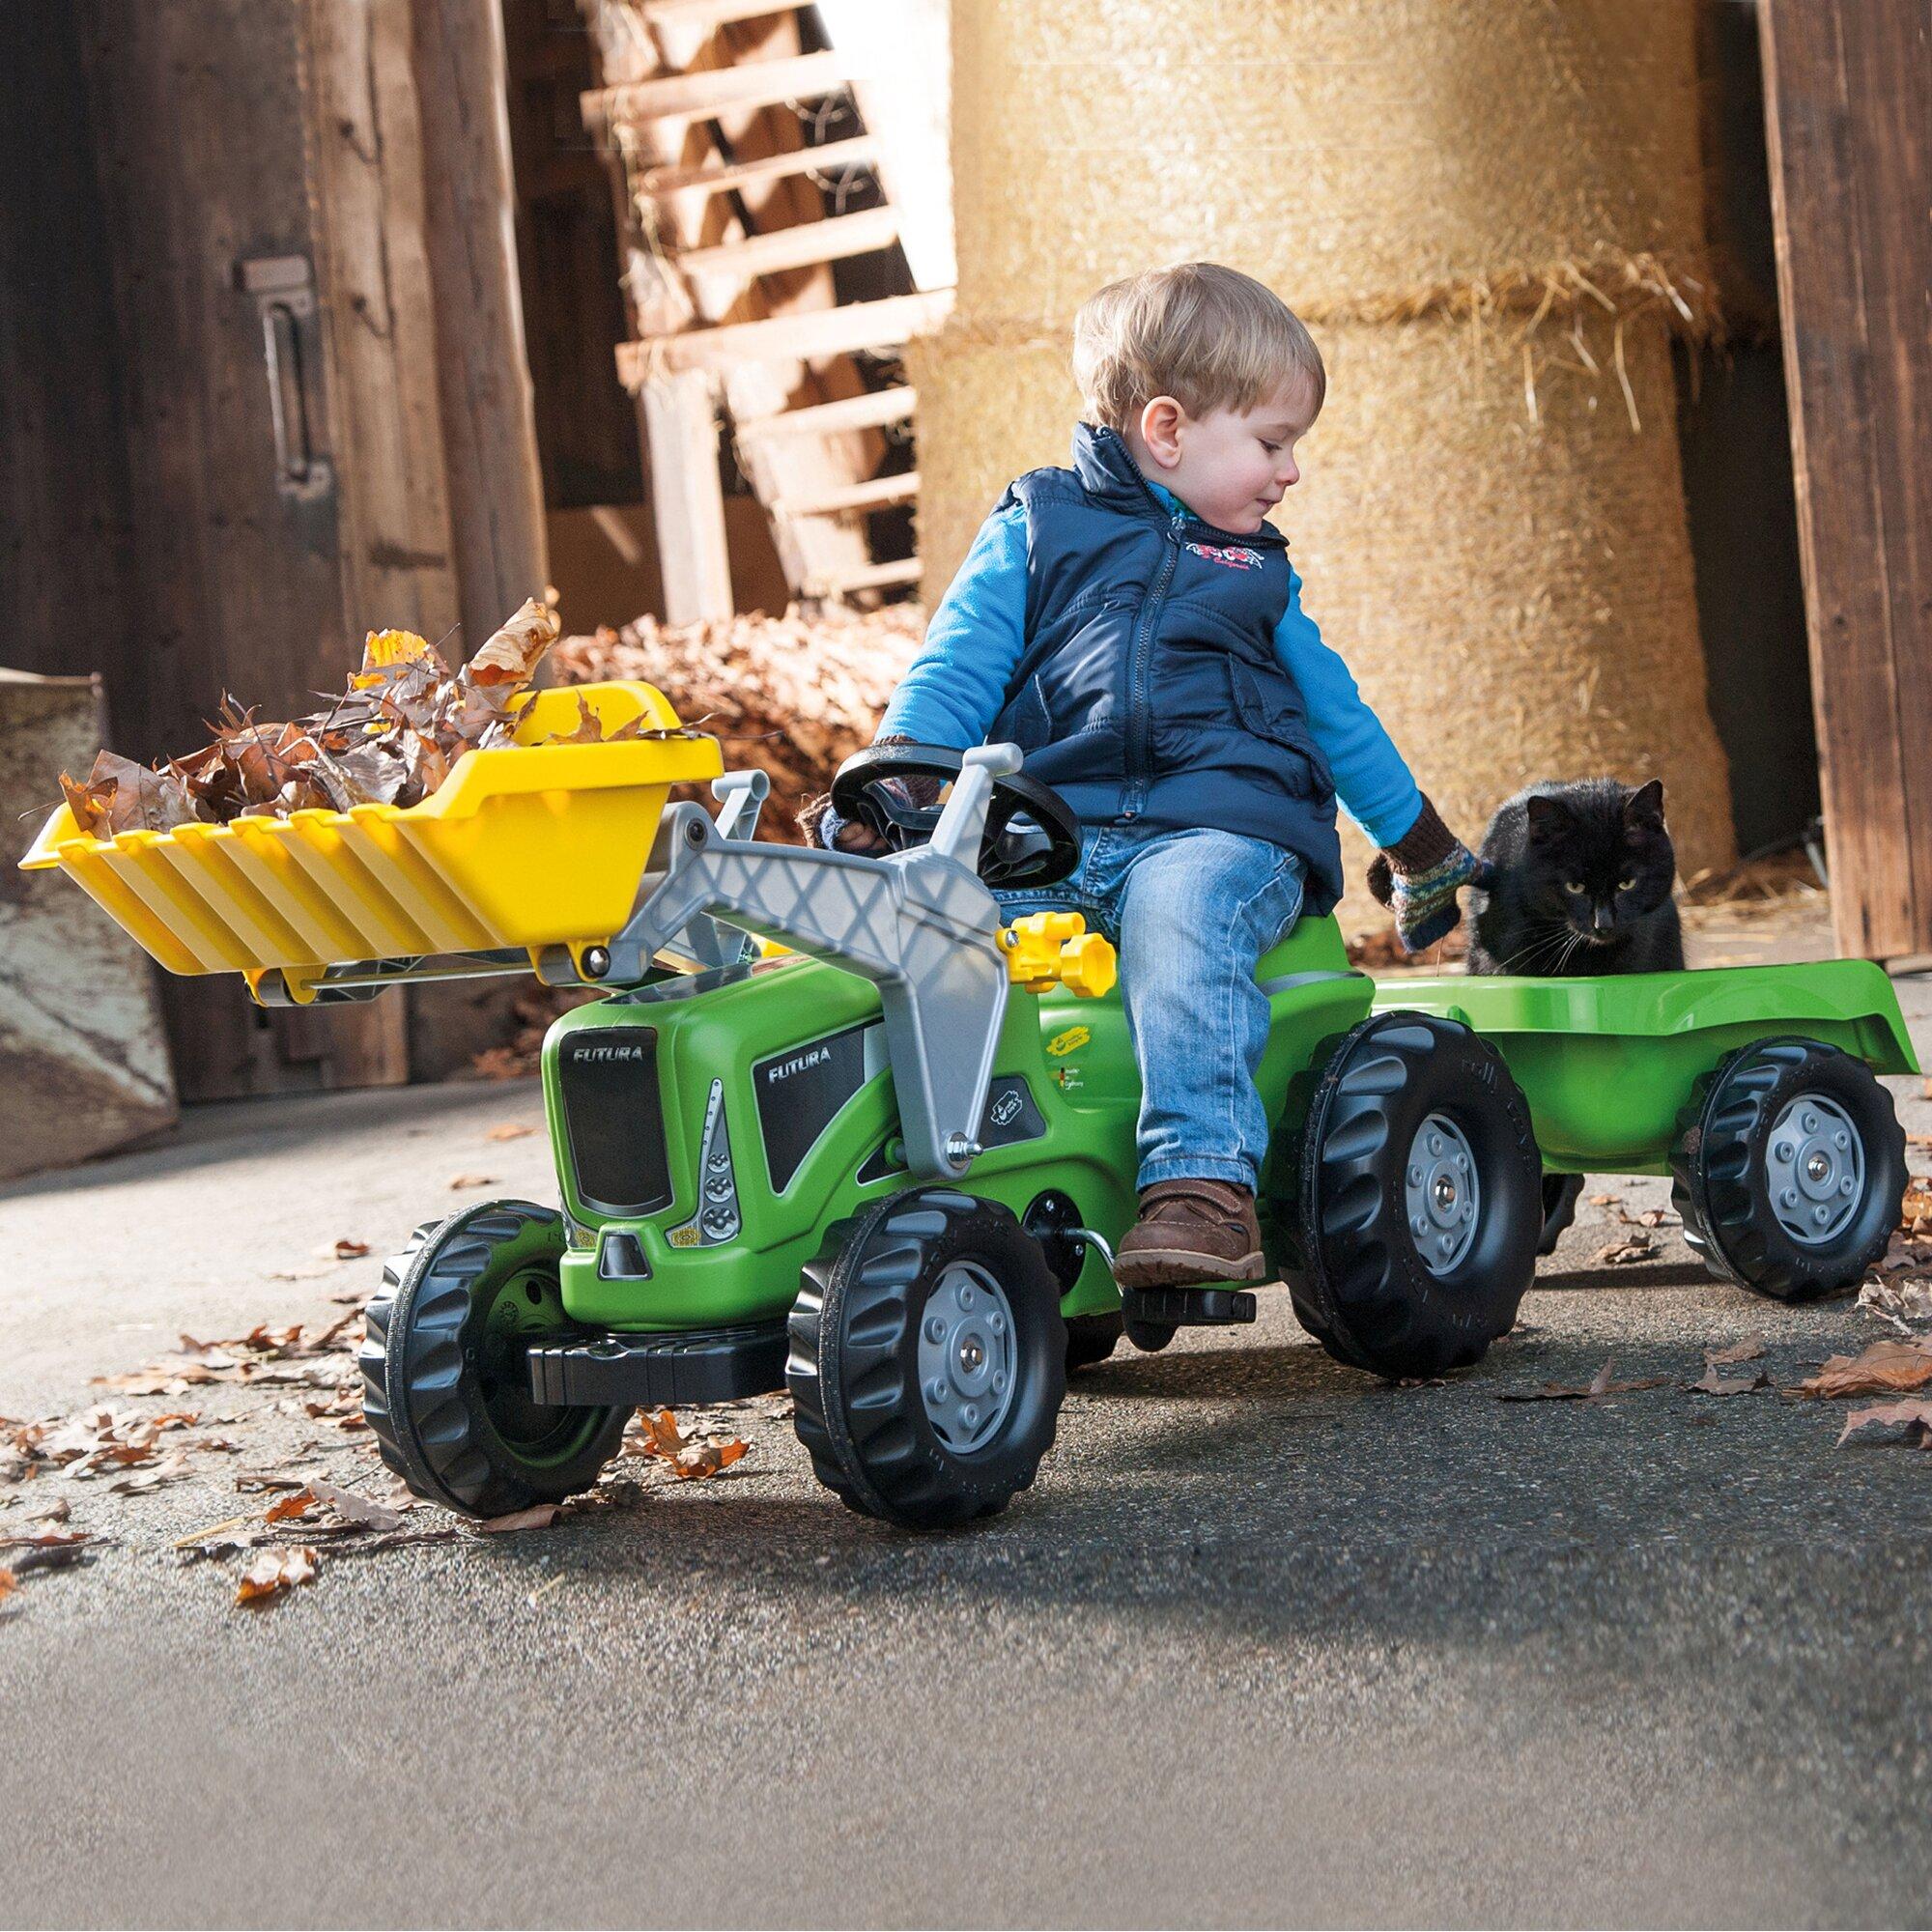 rolly-toys-trettraktor-rolly-kiddy-futura-mit-frontlader-und-anhanger, 89.99 EUR @ babywalz-de